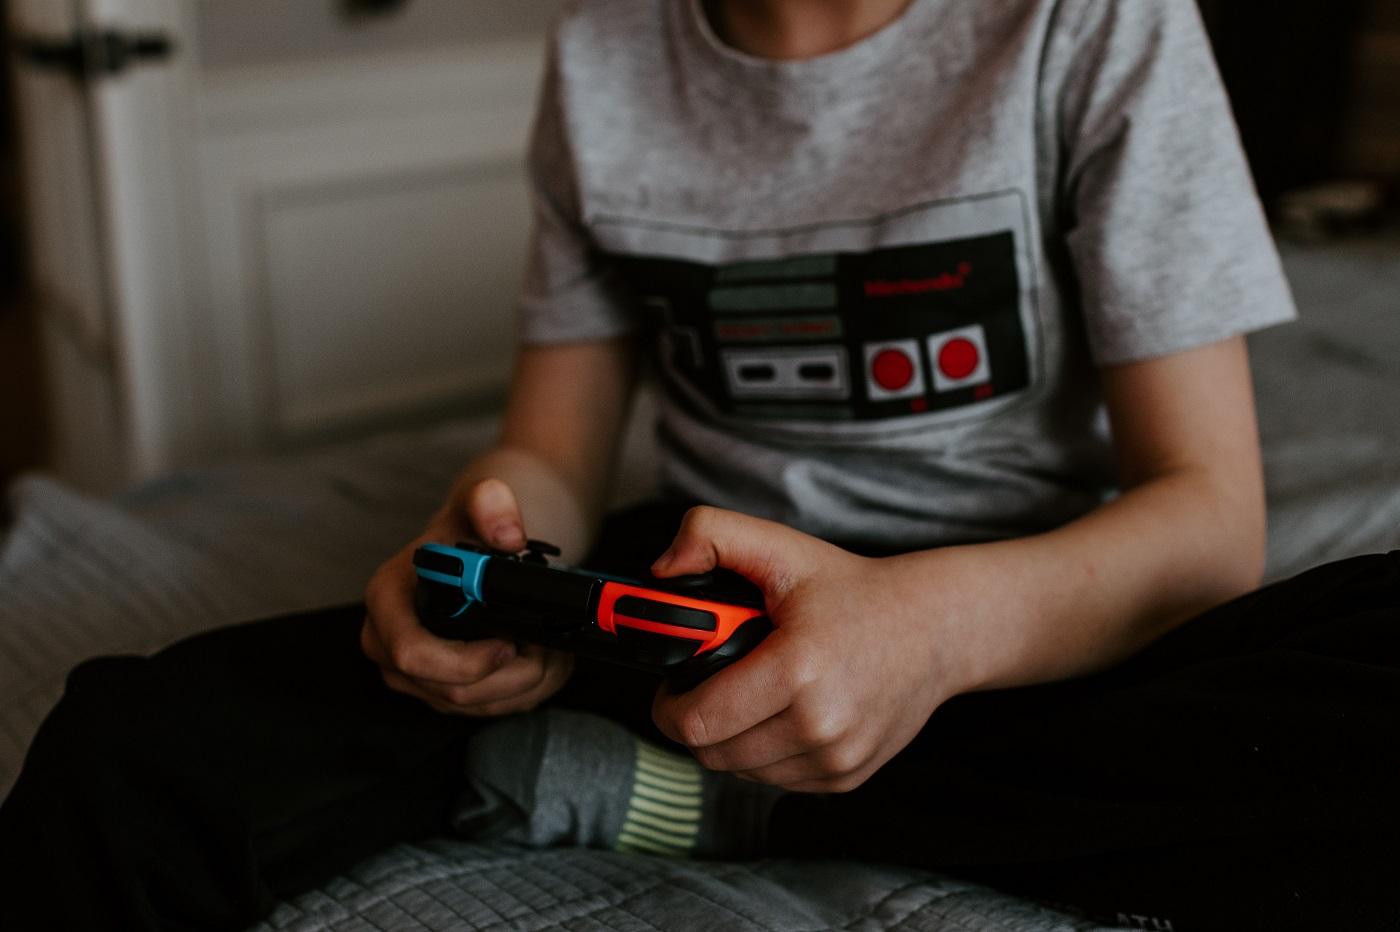 L'OMS recommande les jeux vidéo pour combattre la pandémie — Coronavirus